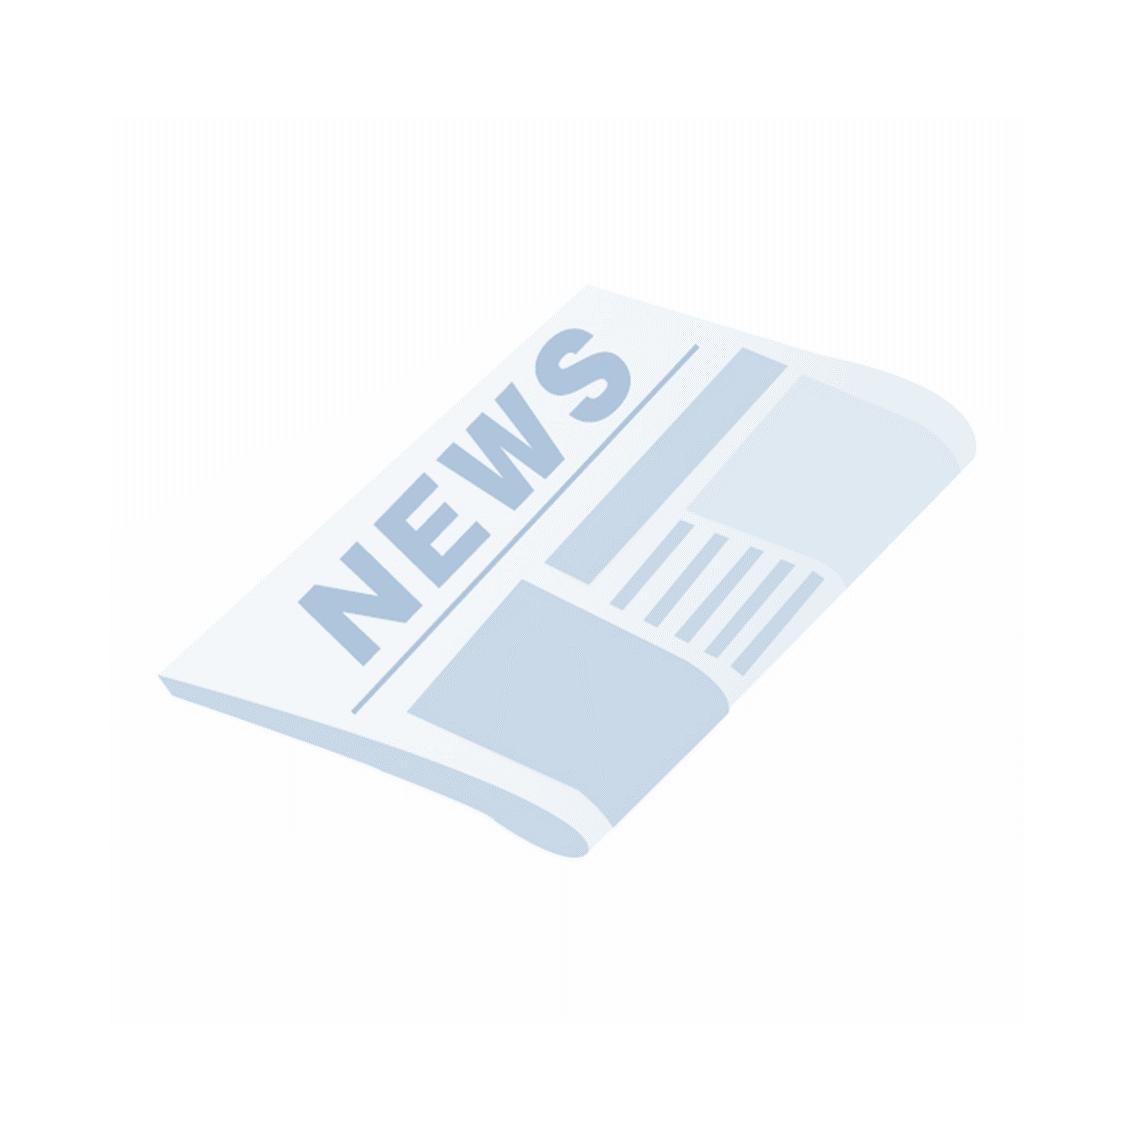 国民生活センター ウェブ版国民生活 2020年3月号 / 消費者教育実践事例集 幼児を対象とした子ども服の安全講座